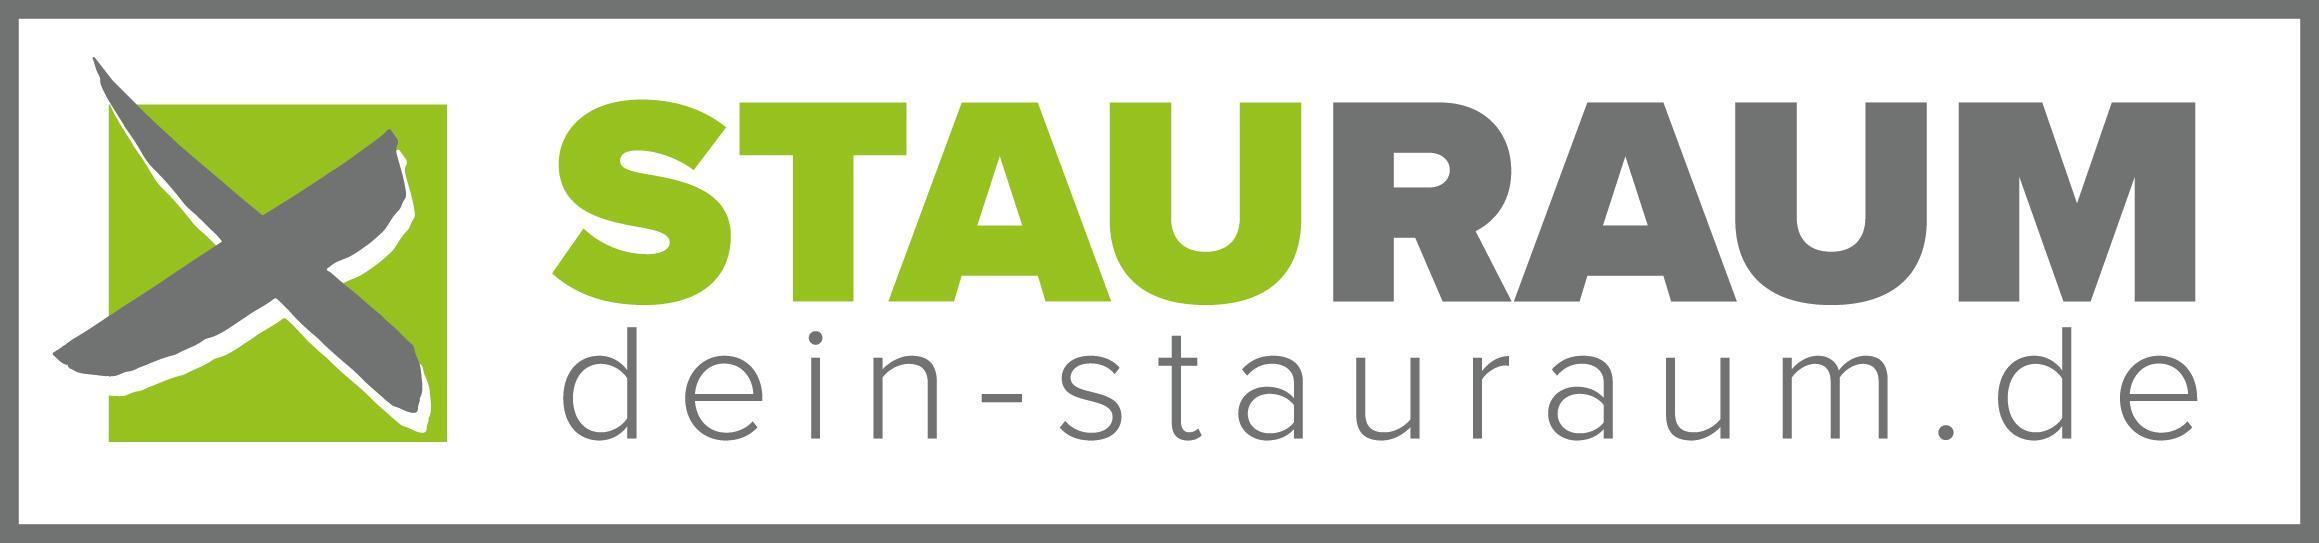 Wort-/Bildmarke: STAURAUM dein - stauraum . de